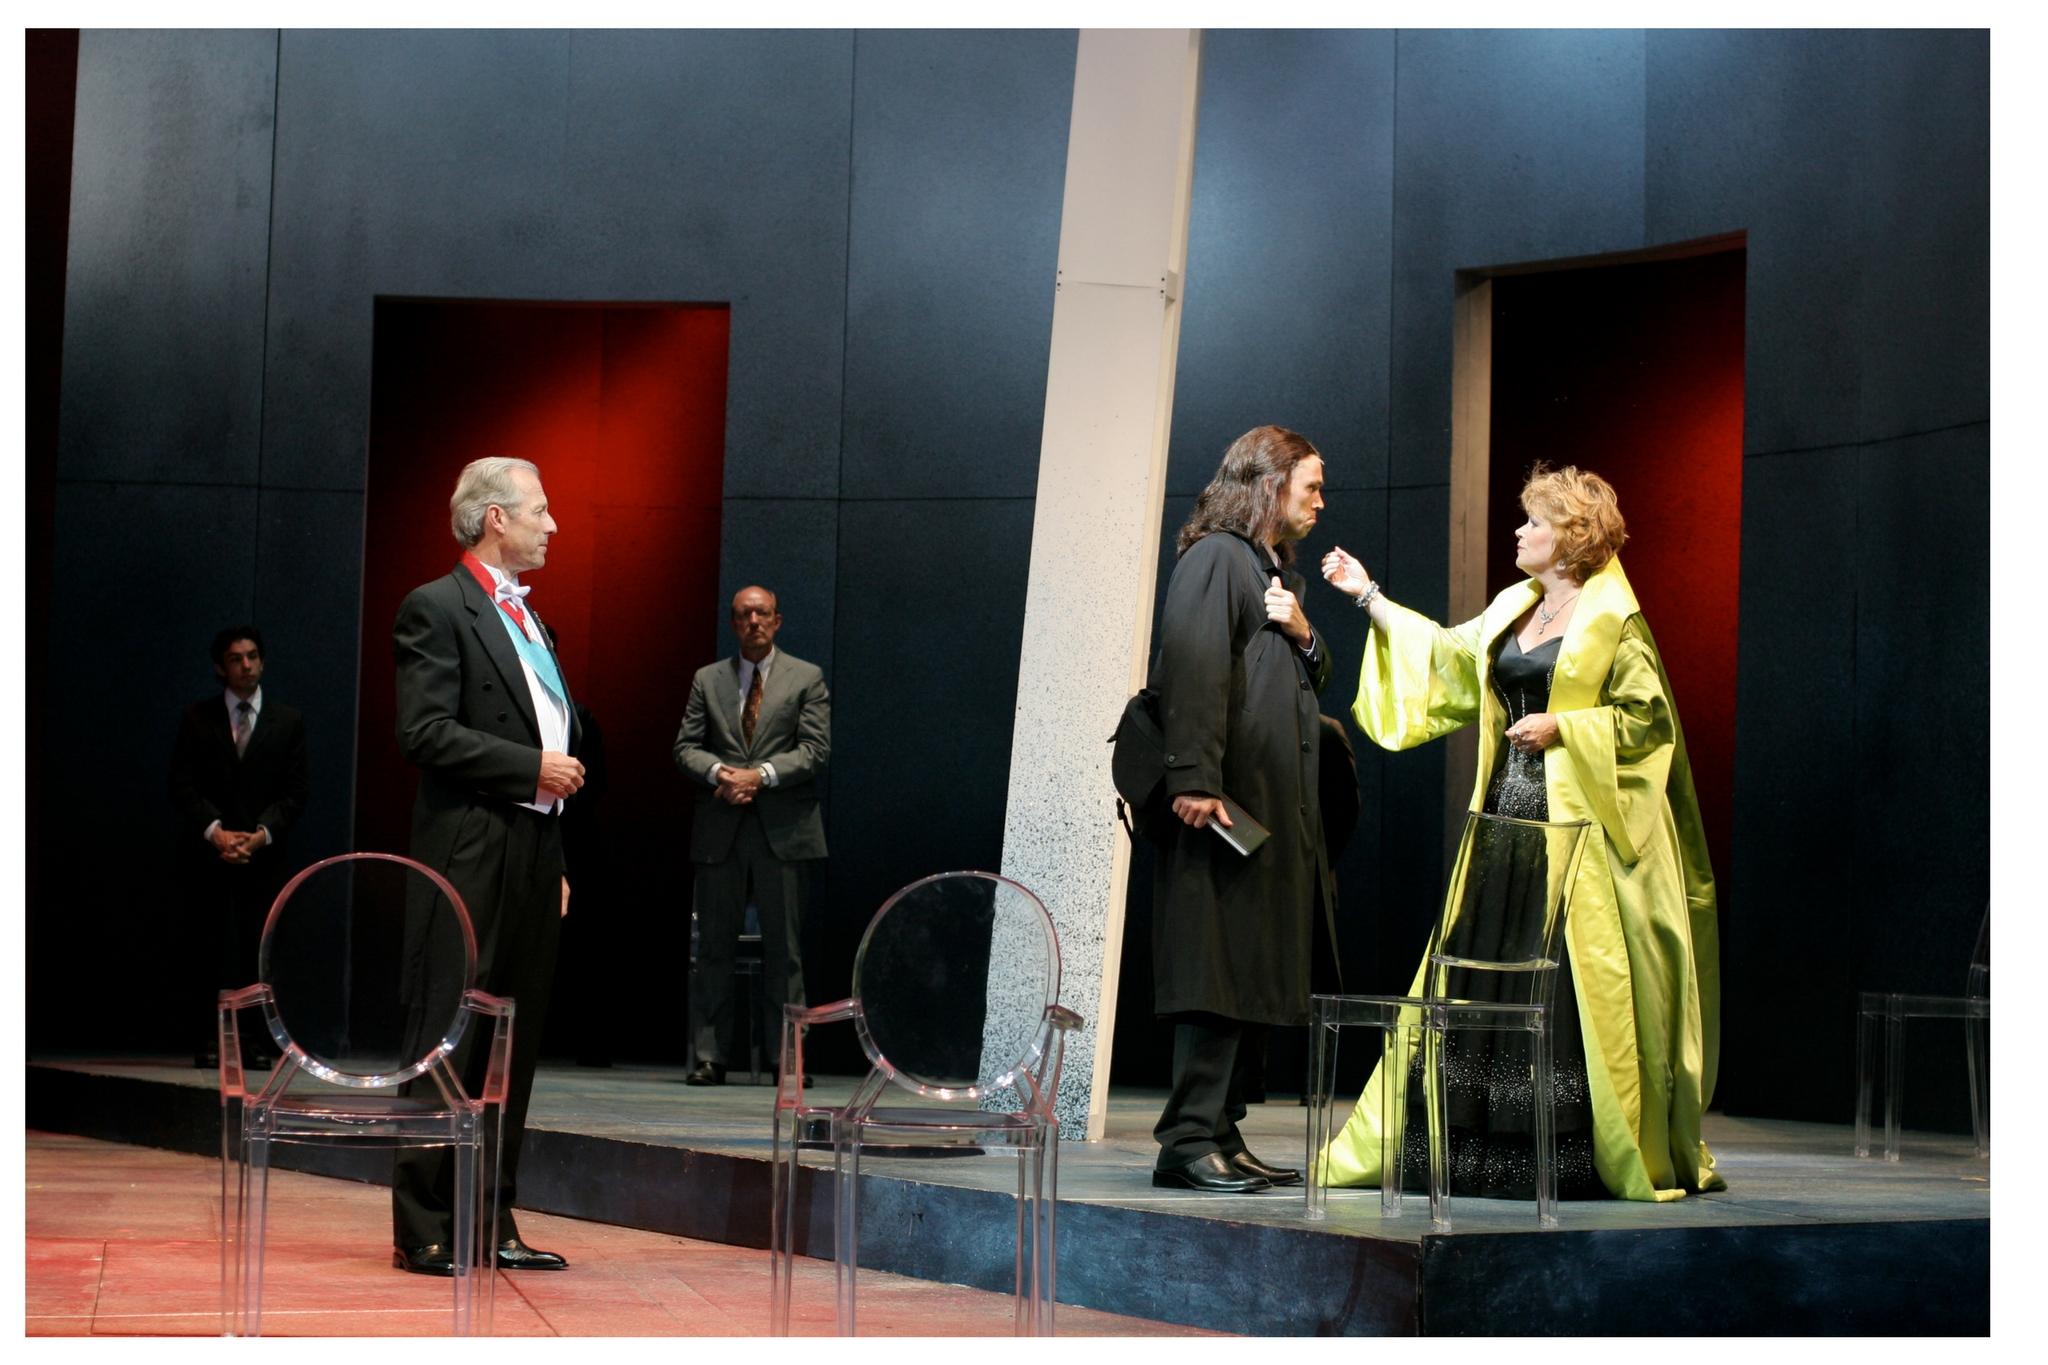 Will Lyman (Claudius), Jeffrey Donovan (Hamlet), and Karen MacDonald (Gertrude) in Hamlet, Shakespeare on the Common 2005